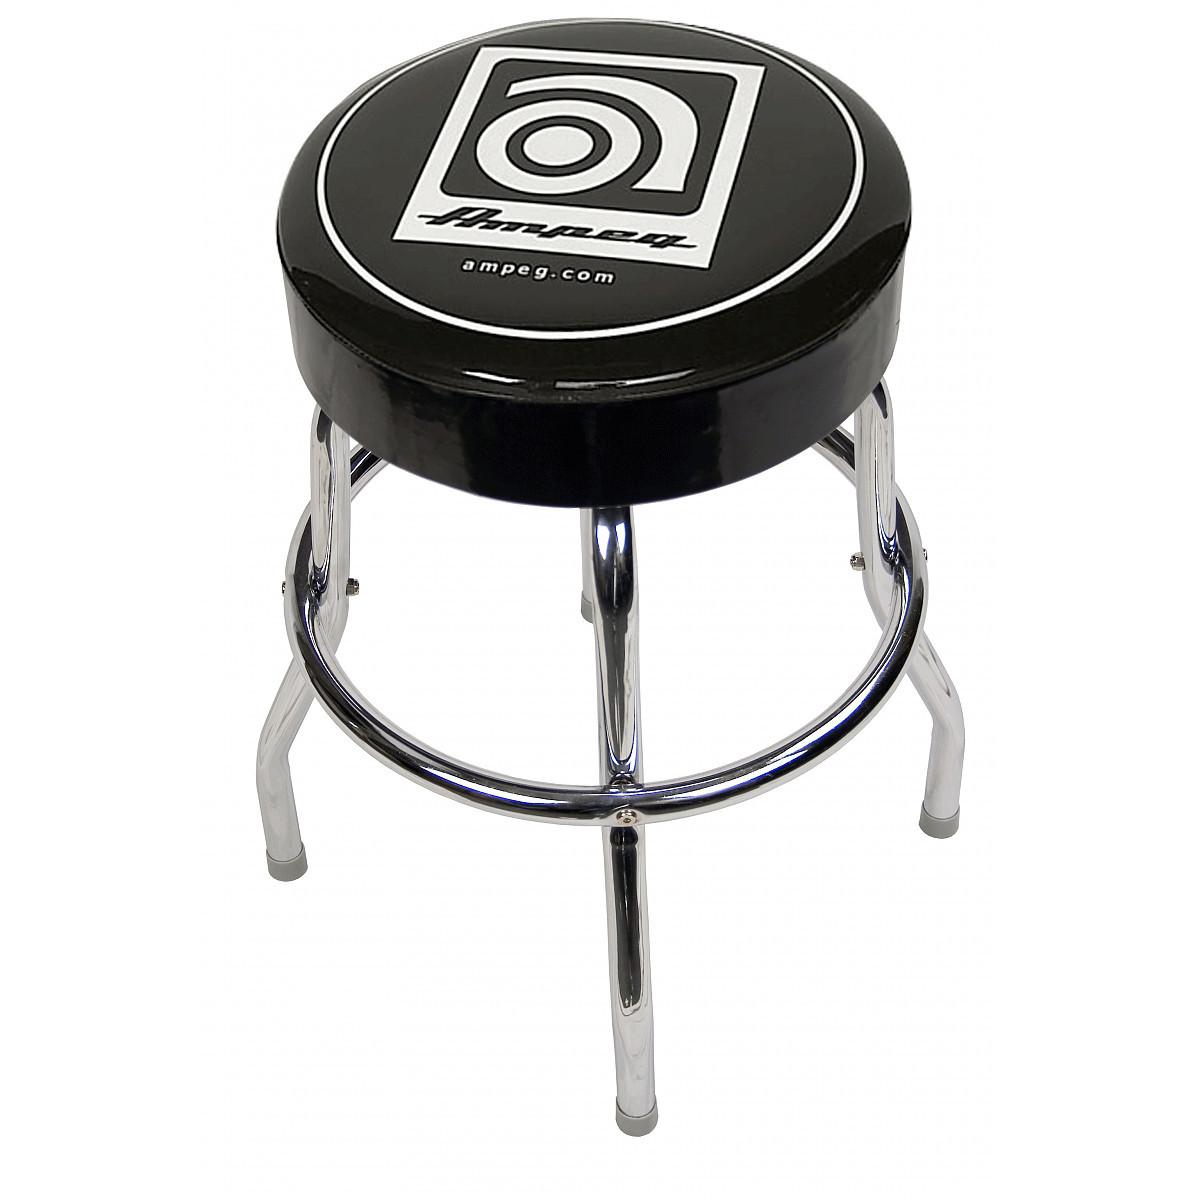 Buy Ampeg - Ampeg Studio Stool